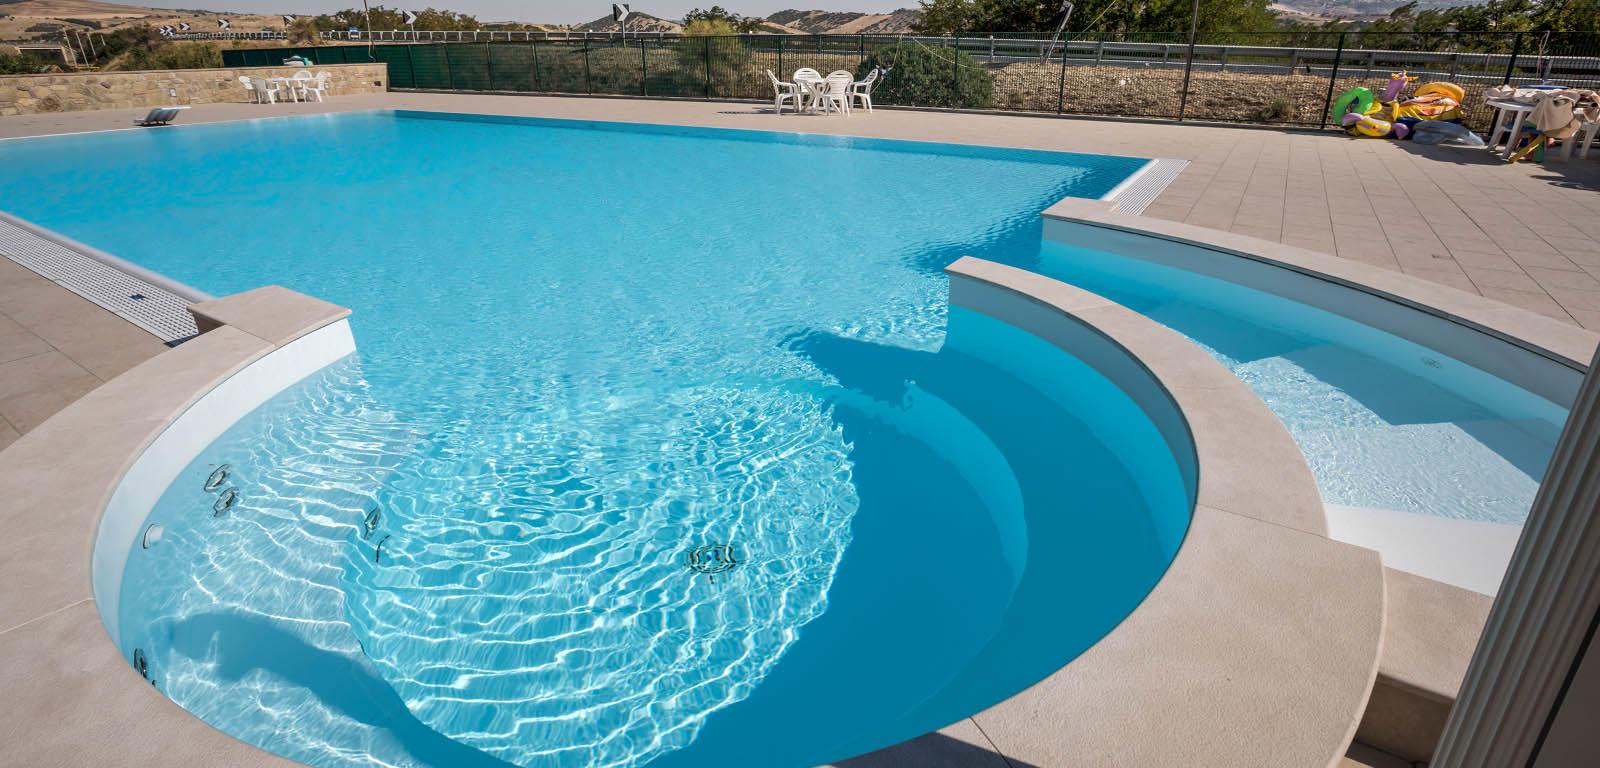 Piscine interrate vantaggi e prezzi piscine castiglione - Bordo piscina prezzi ...